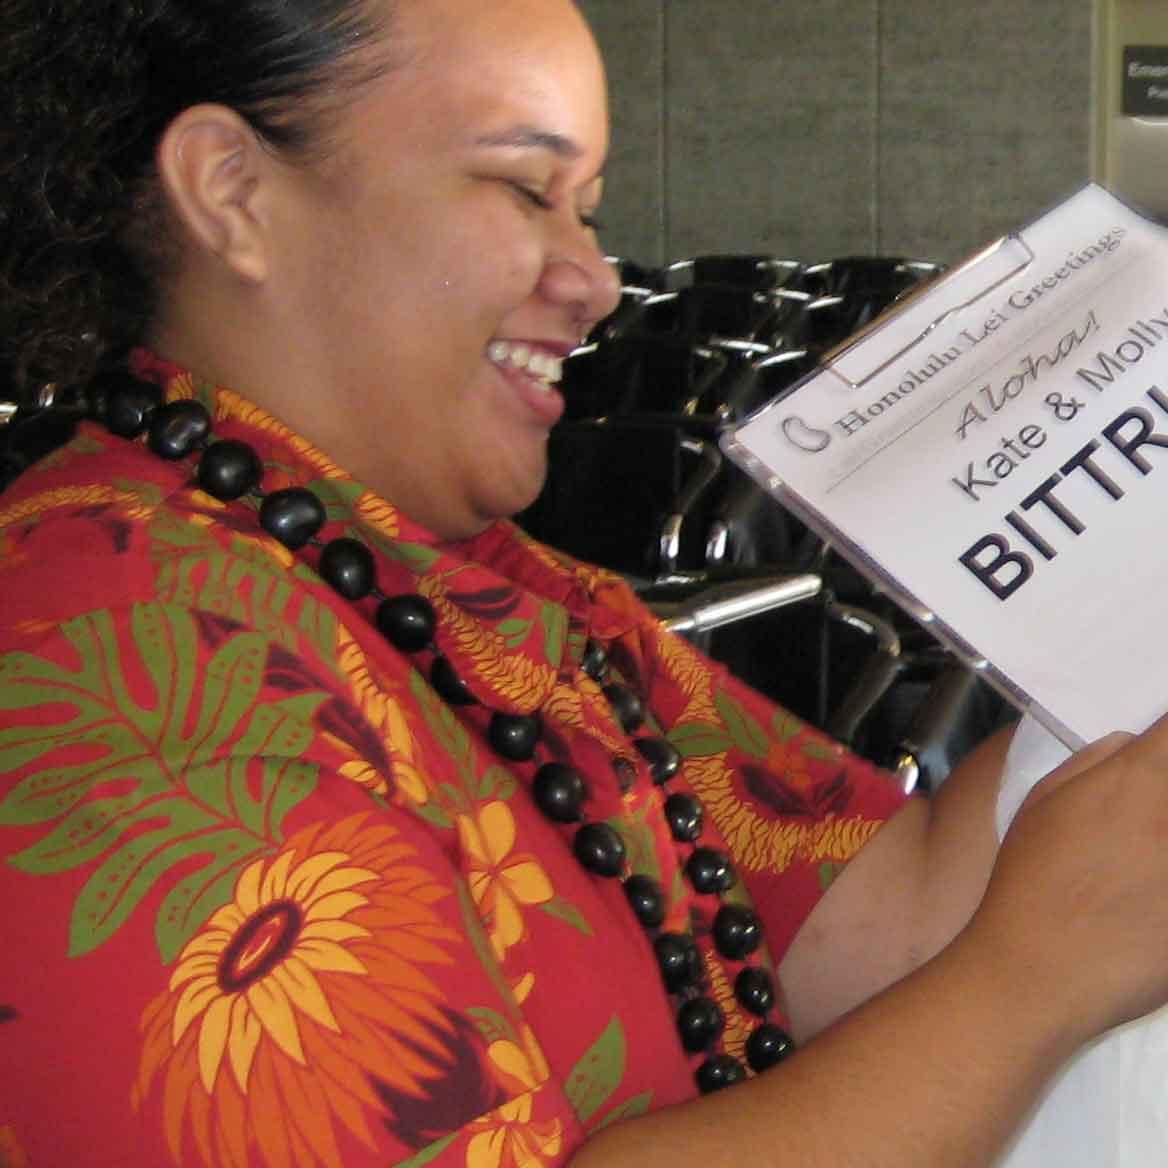 Honolulu lei greeting oahu tours activities booking website honolulu lei greeting oahu tours activities booking website hawaiiactivities kristyandbryce Gallery